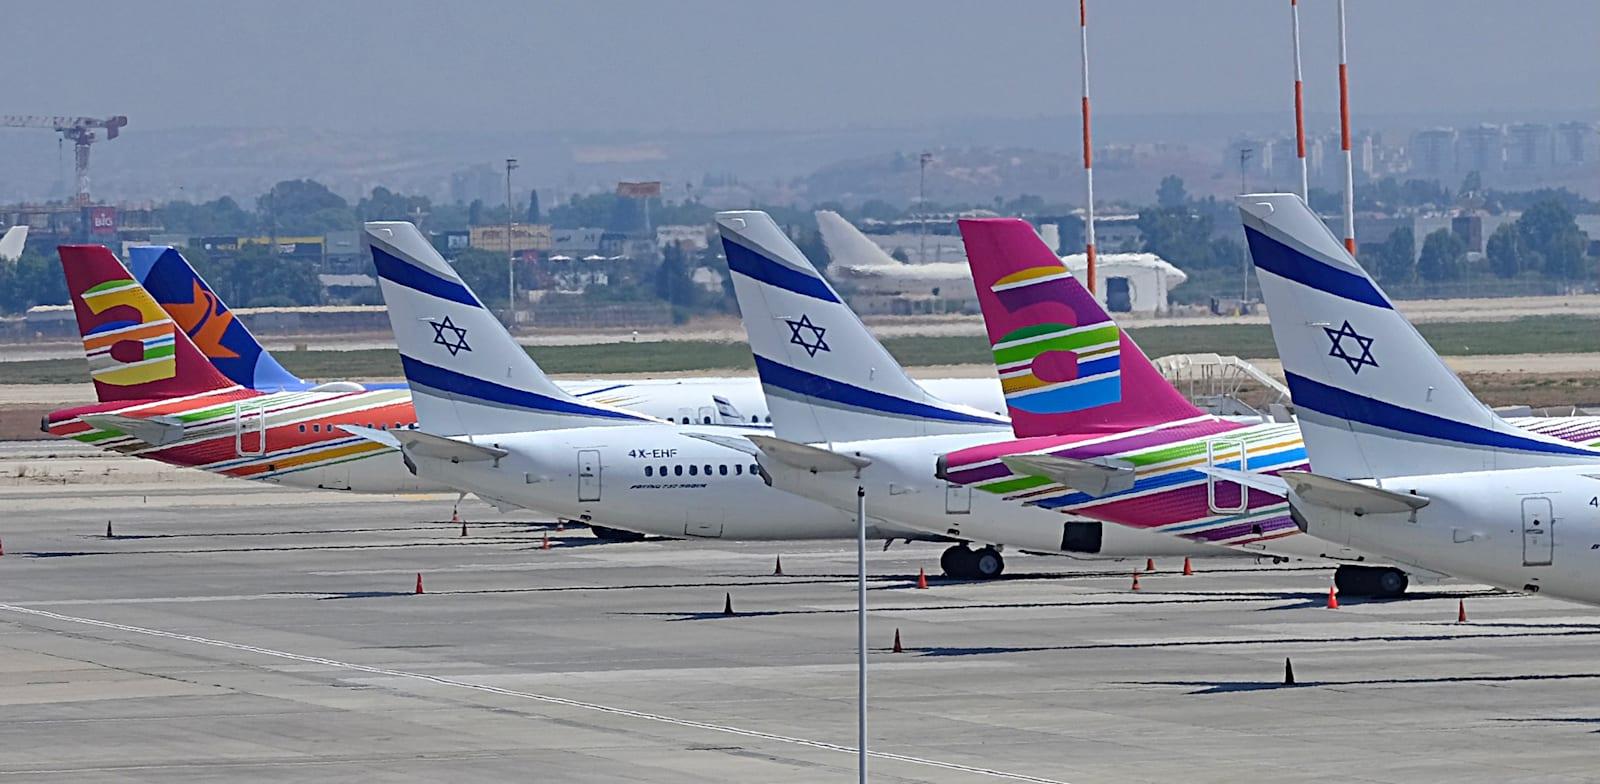 El Al, Arkia and Israir planes at Ben Gurion Airport  credit: Danny Sadeh